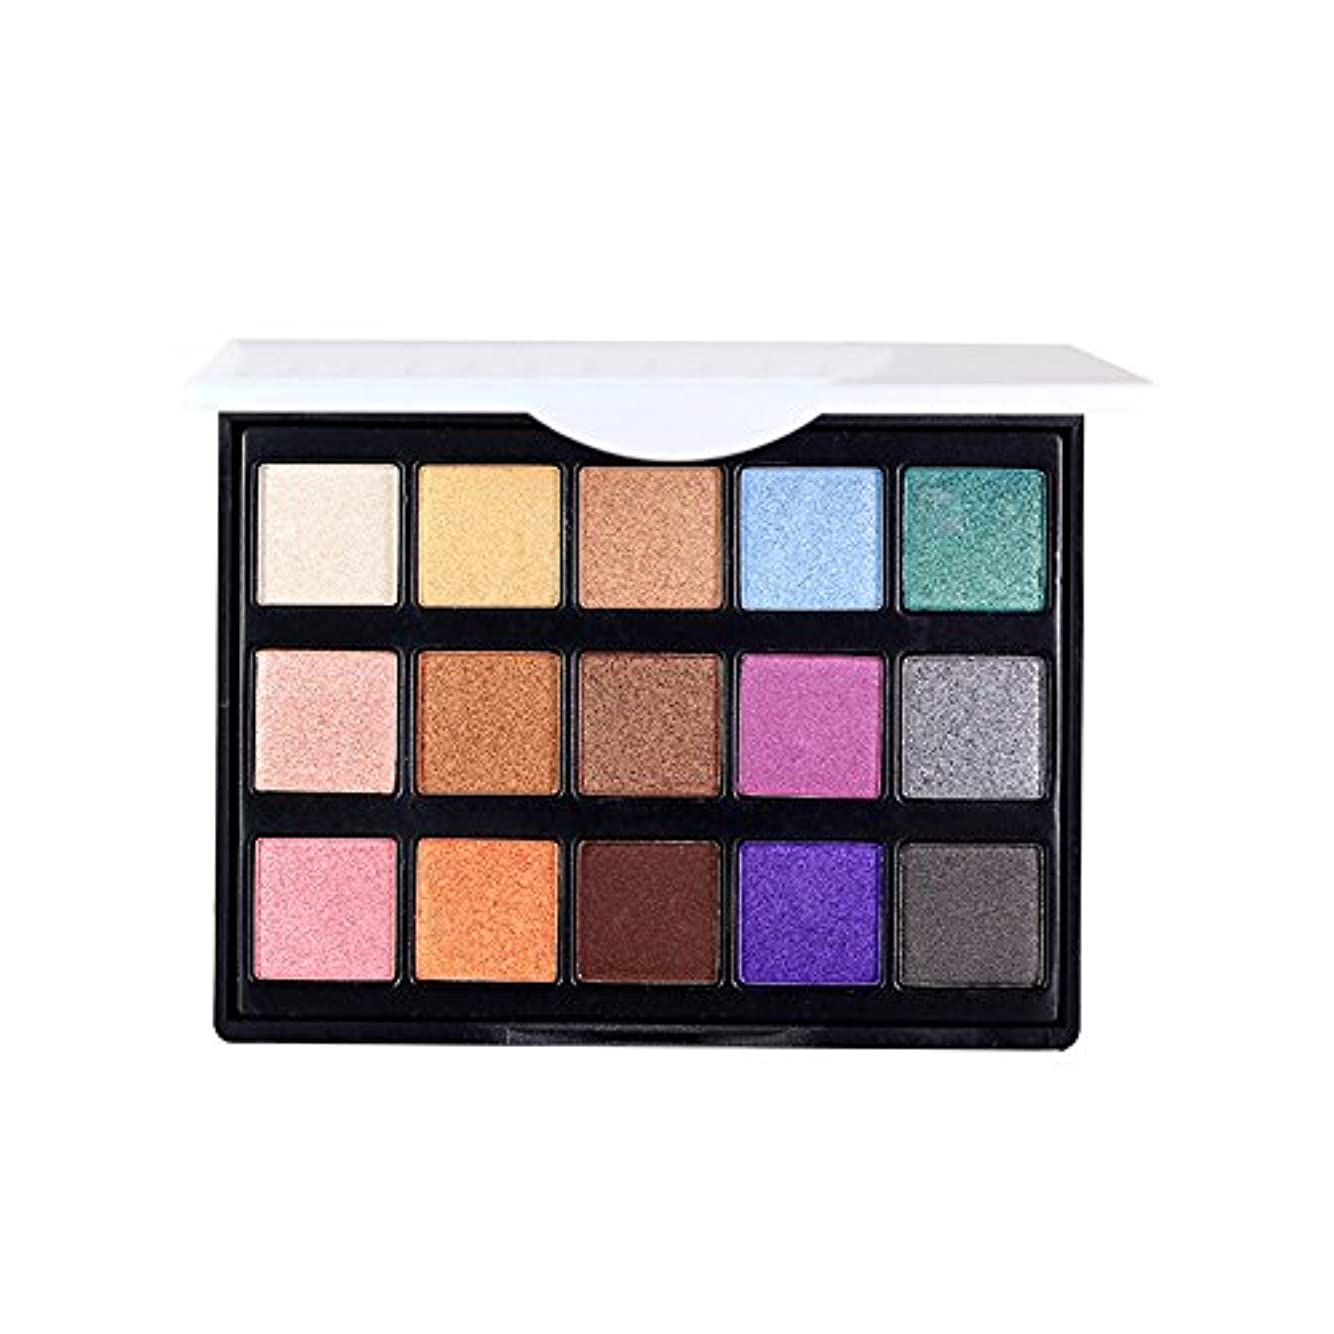 貸すナンセンスボア女性 プロフェッショナル15色 眼 影 化粧品 パレット アイシャドウ アイメイク アップ化粧品 2